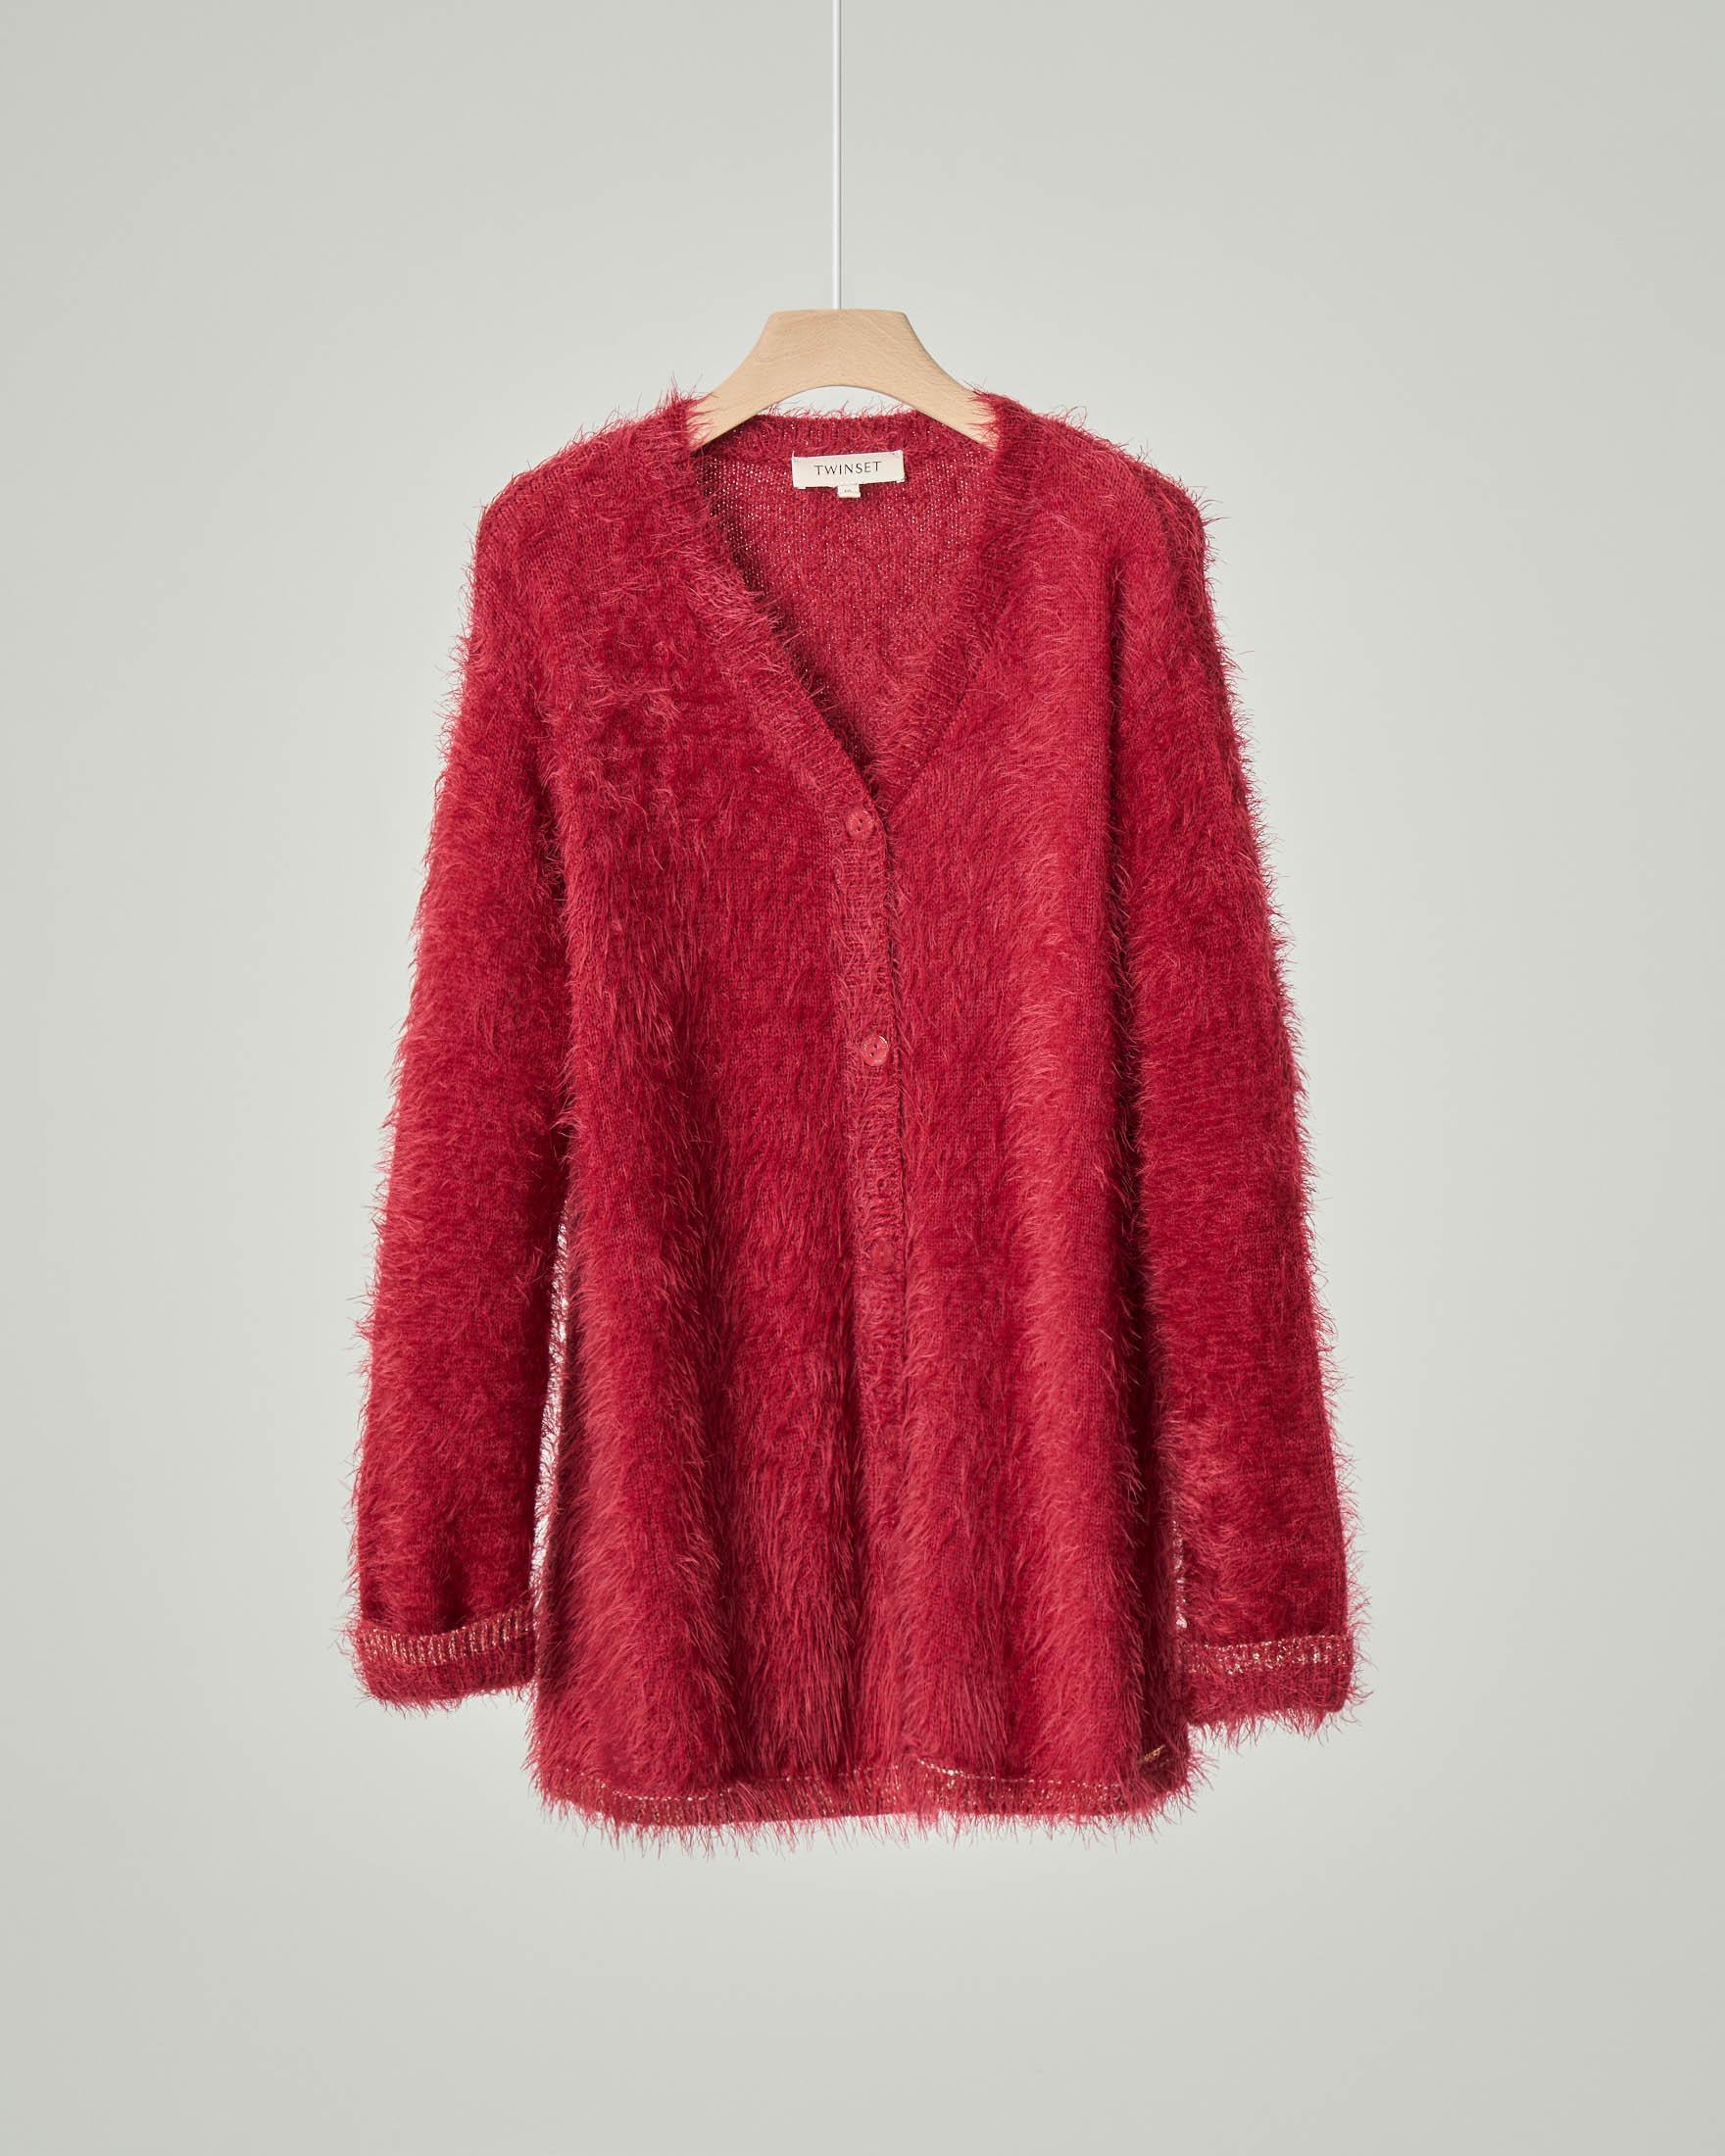 Maxi cardigan color rubino in tessuto effetto mohair con profili in lurex color oro 8-10 anni